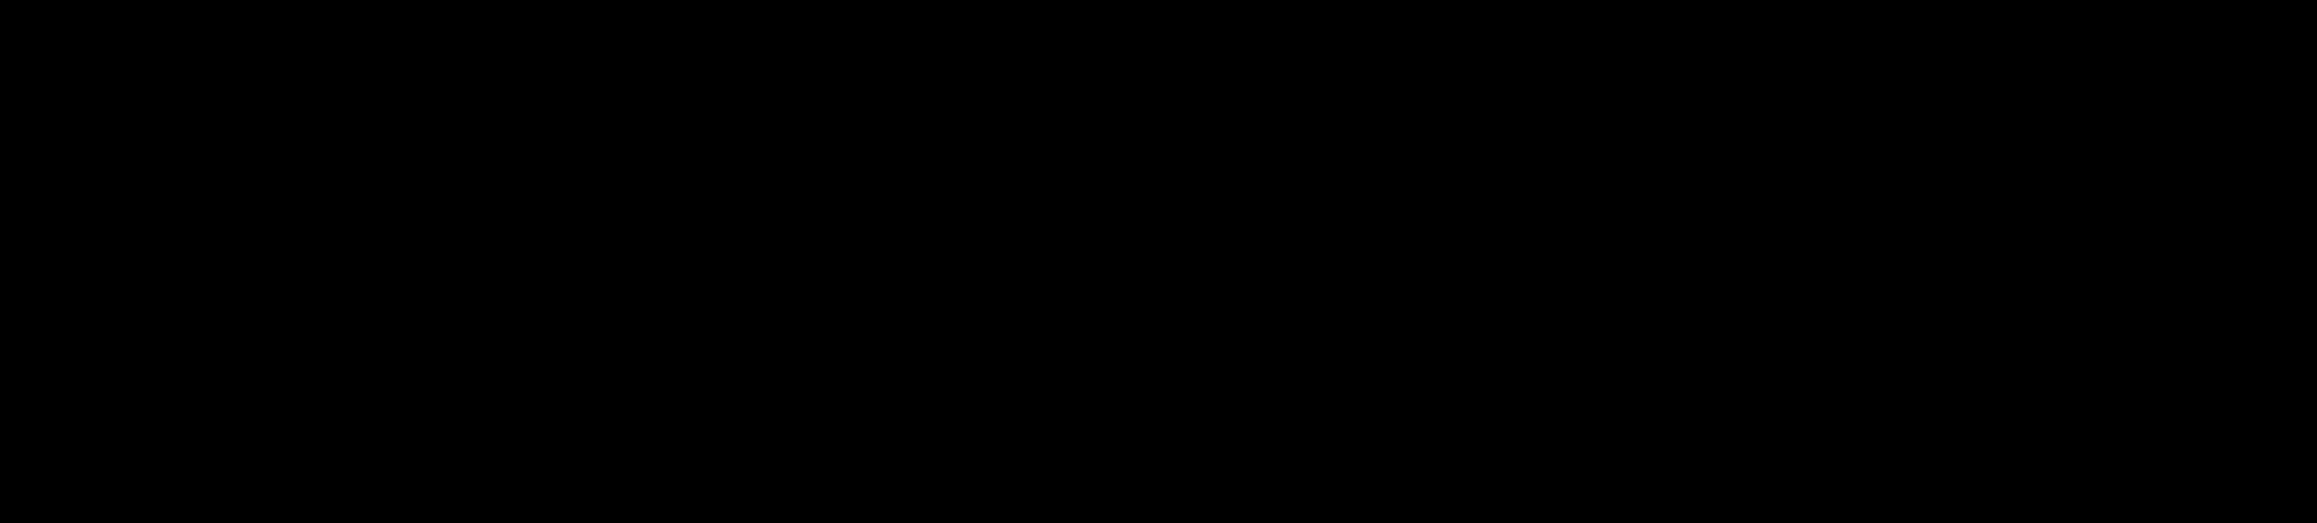 ケトン体3.png